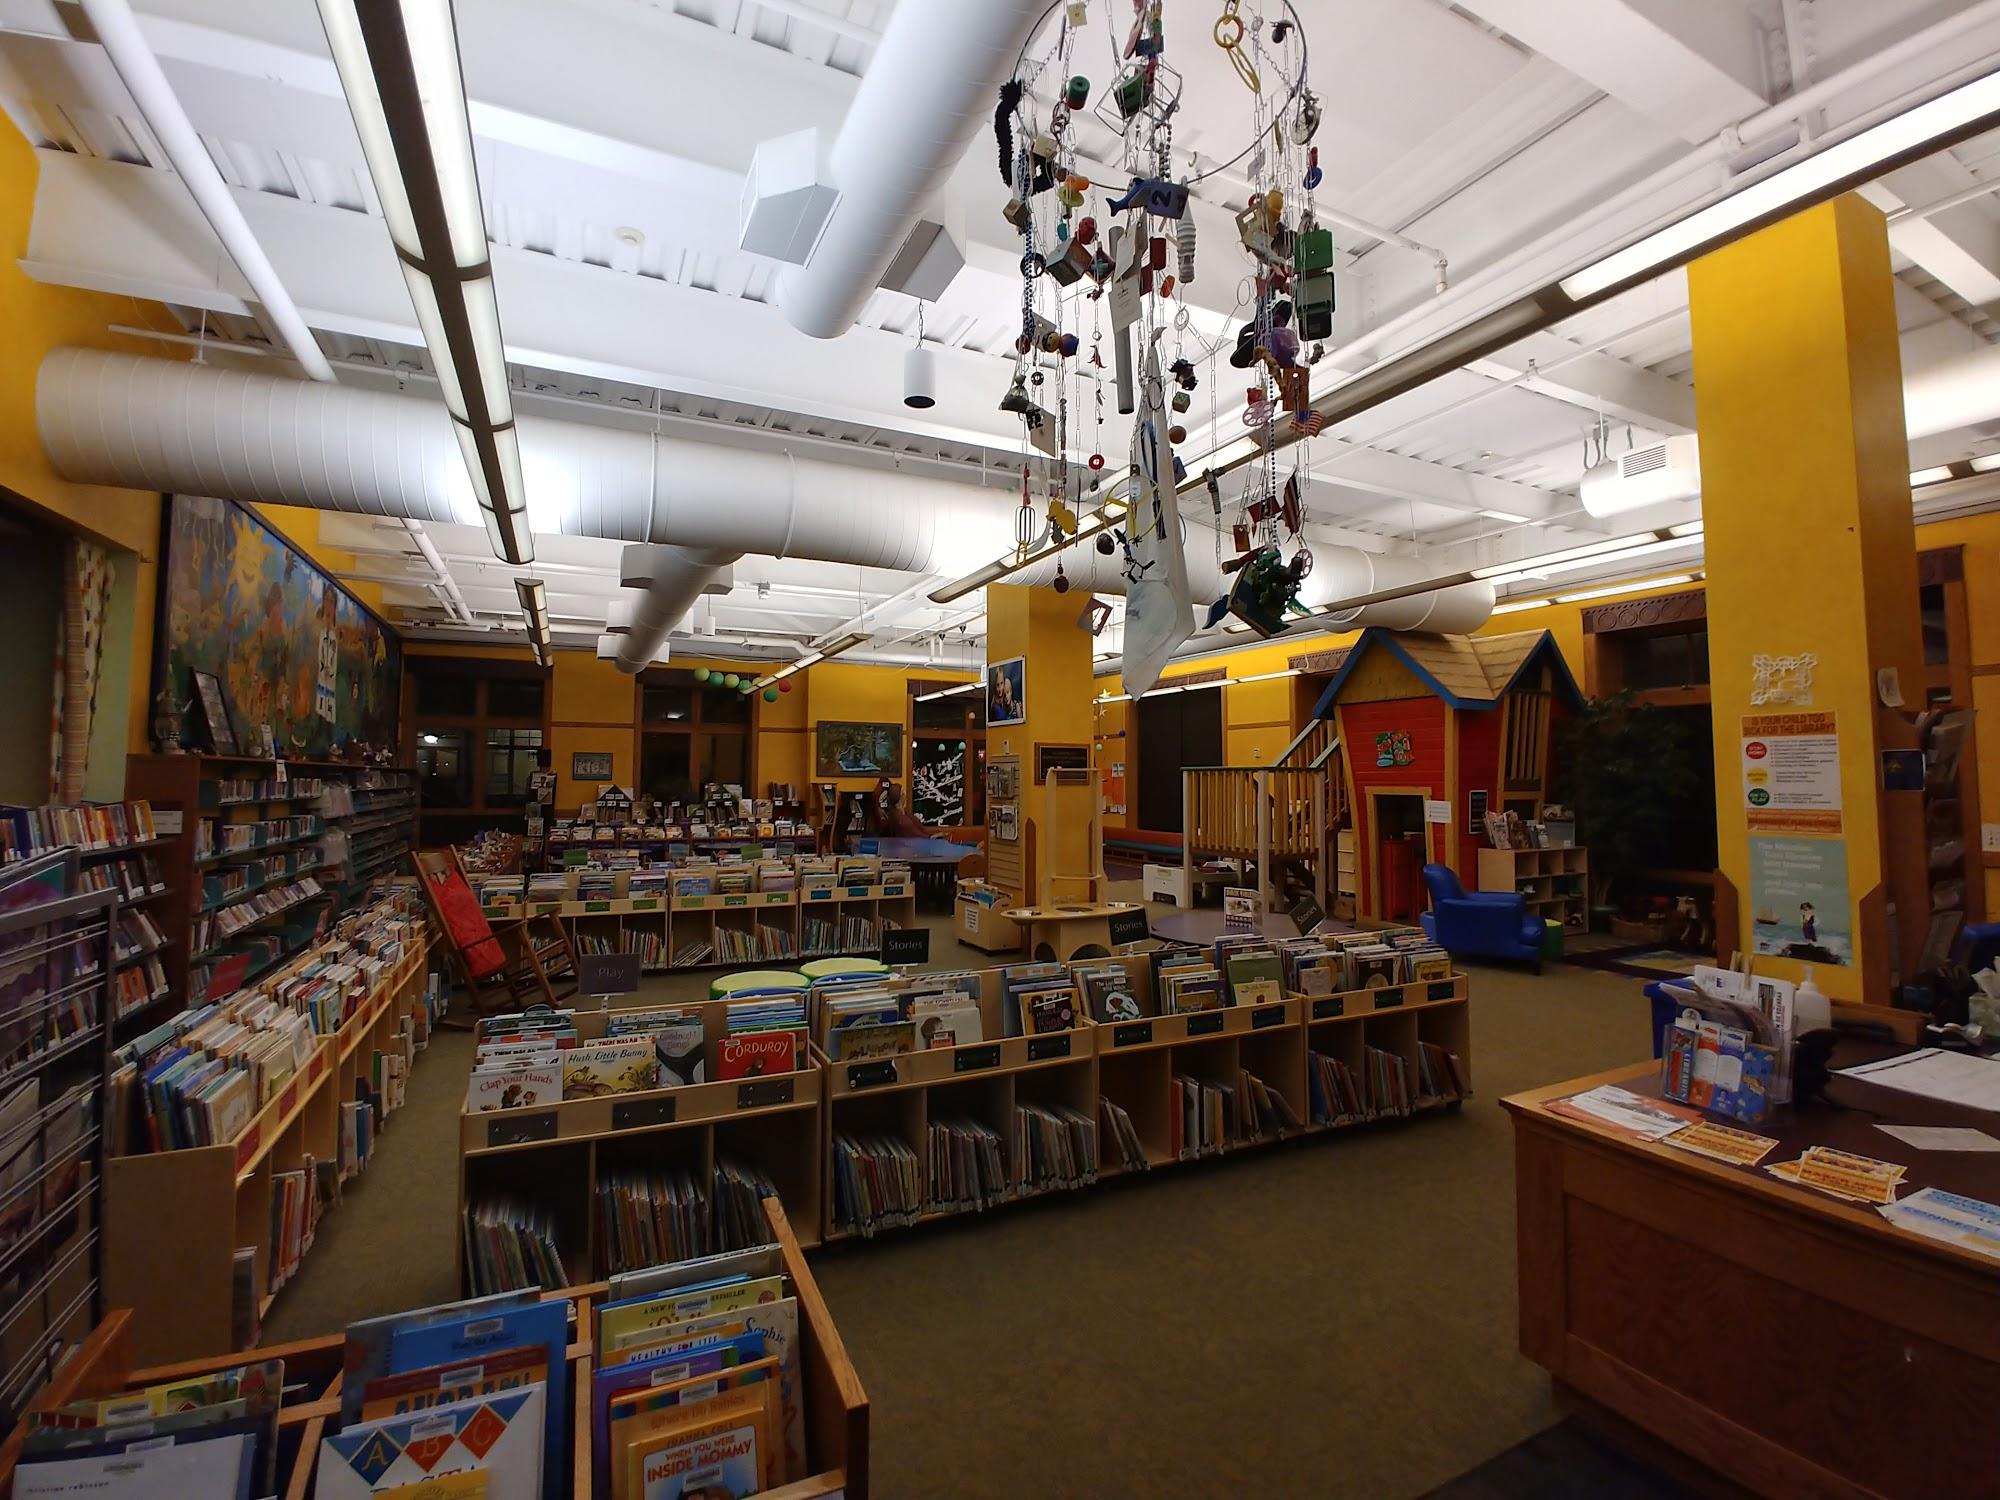 Wilkinson Public Library 100 W Pacific Ave, Telluride